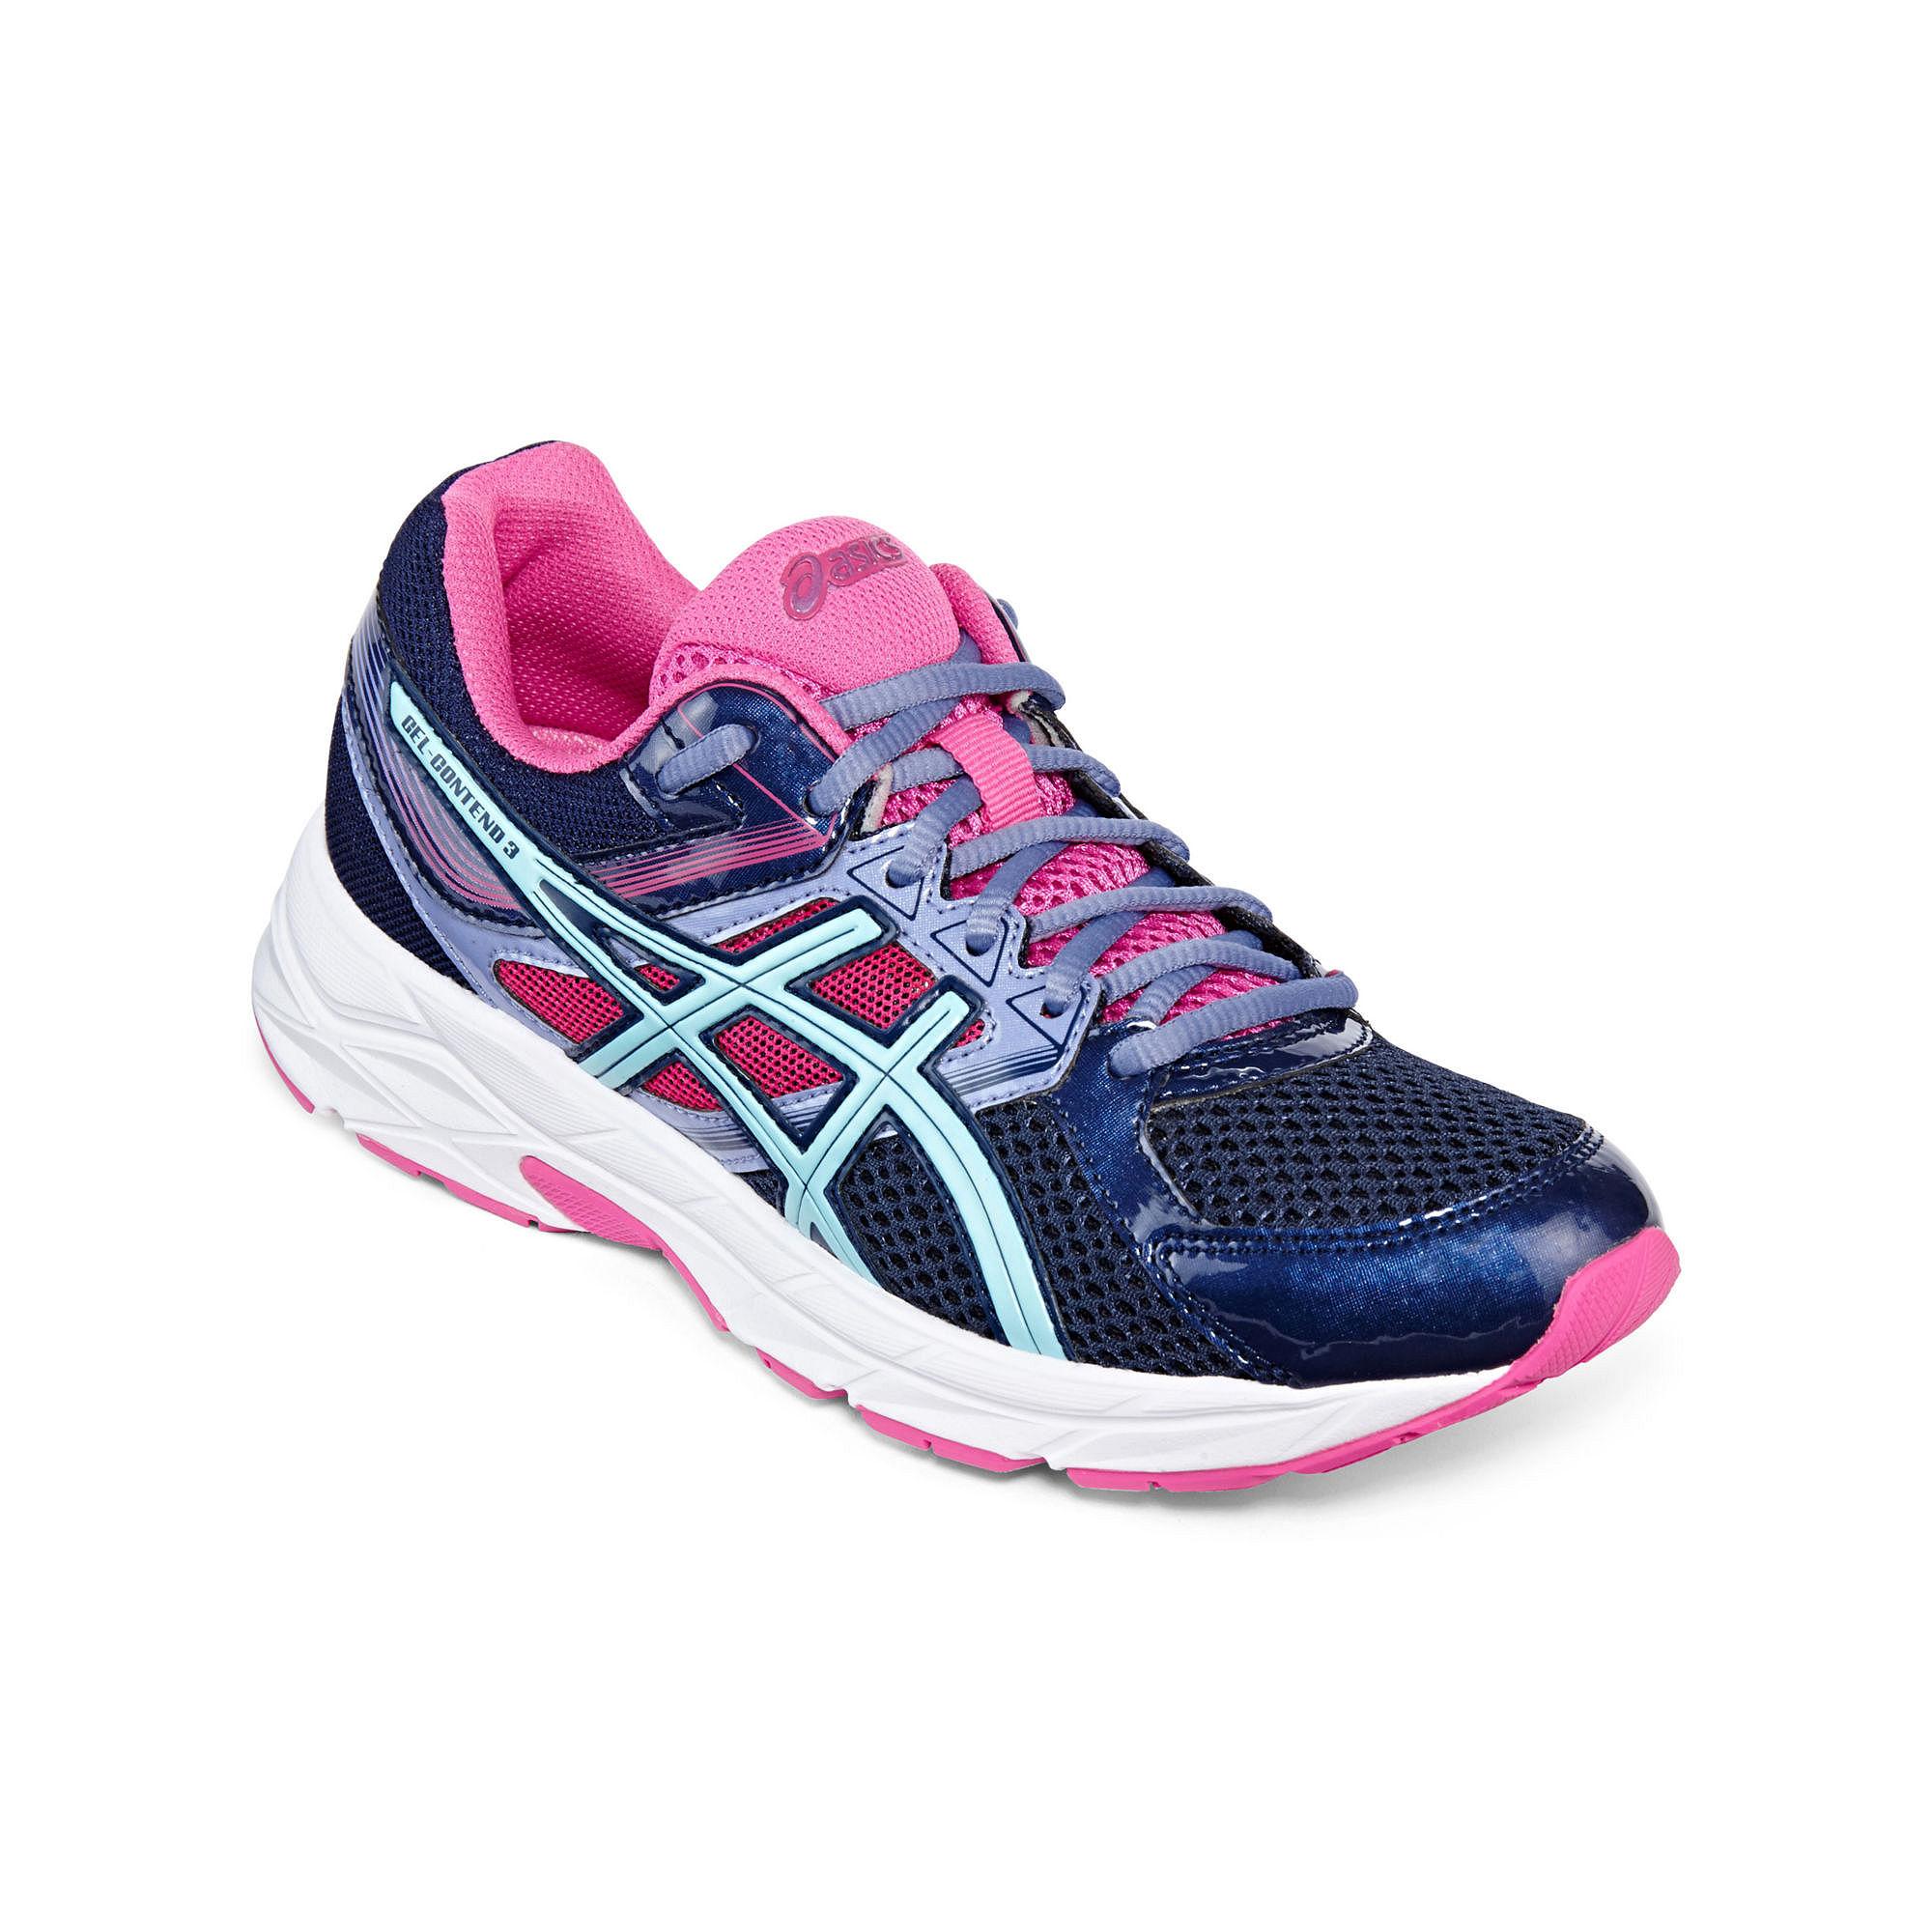 ASICS GEL-Contend 3 Womens Running Shoes